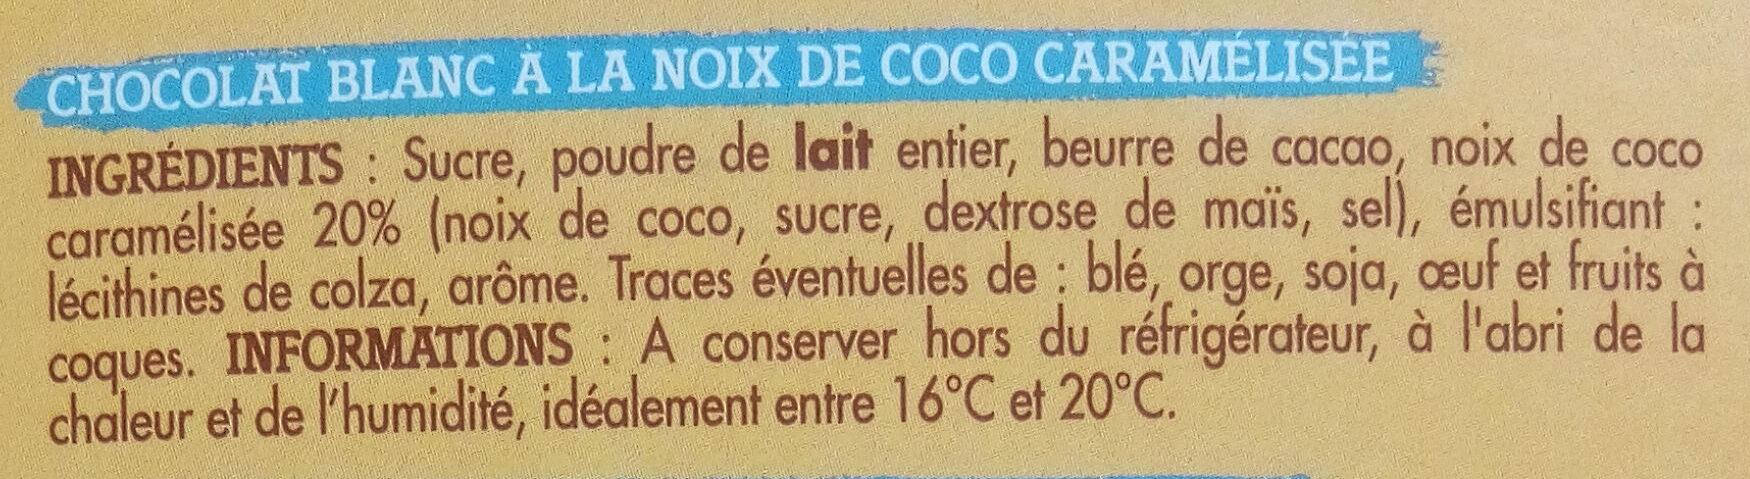 Blanc Noix de Coco Caramélisée - Ingrediënten